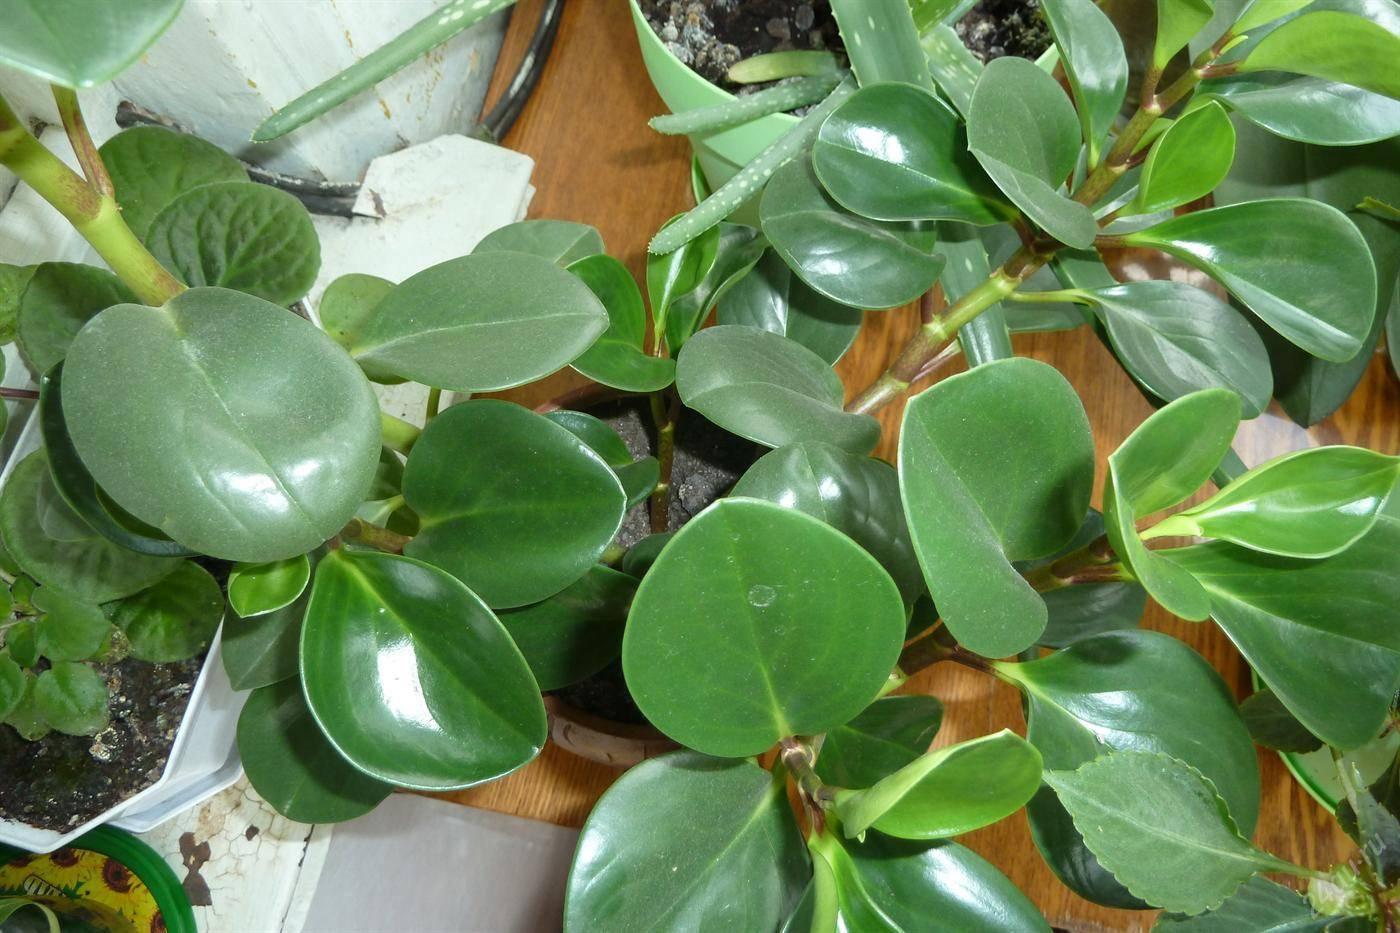 Пеперомия каперата (37 фото): описание сортов «лилиан», schumi red и teresa, уход за цветком в домашних условиях, размножение сморщенной пеперомии листом